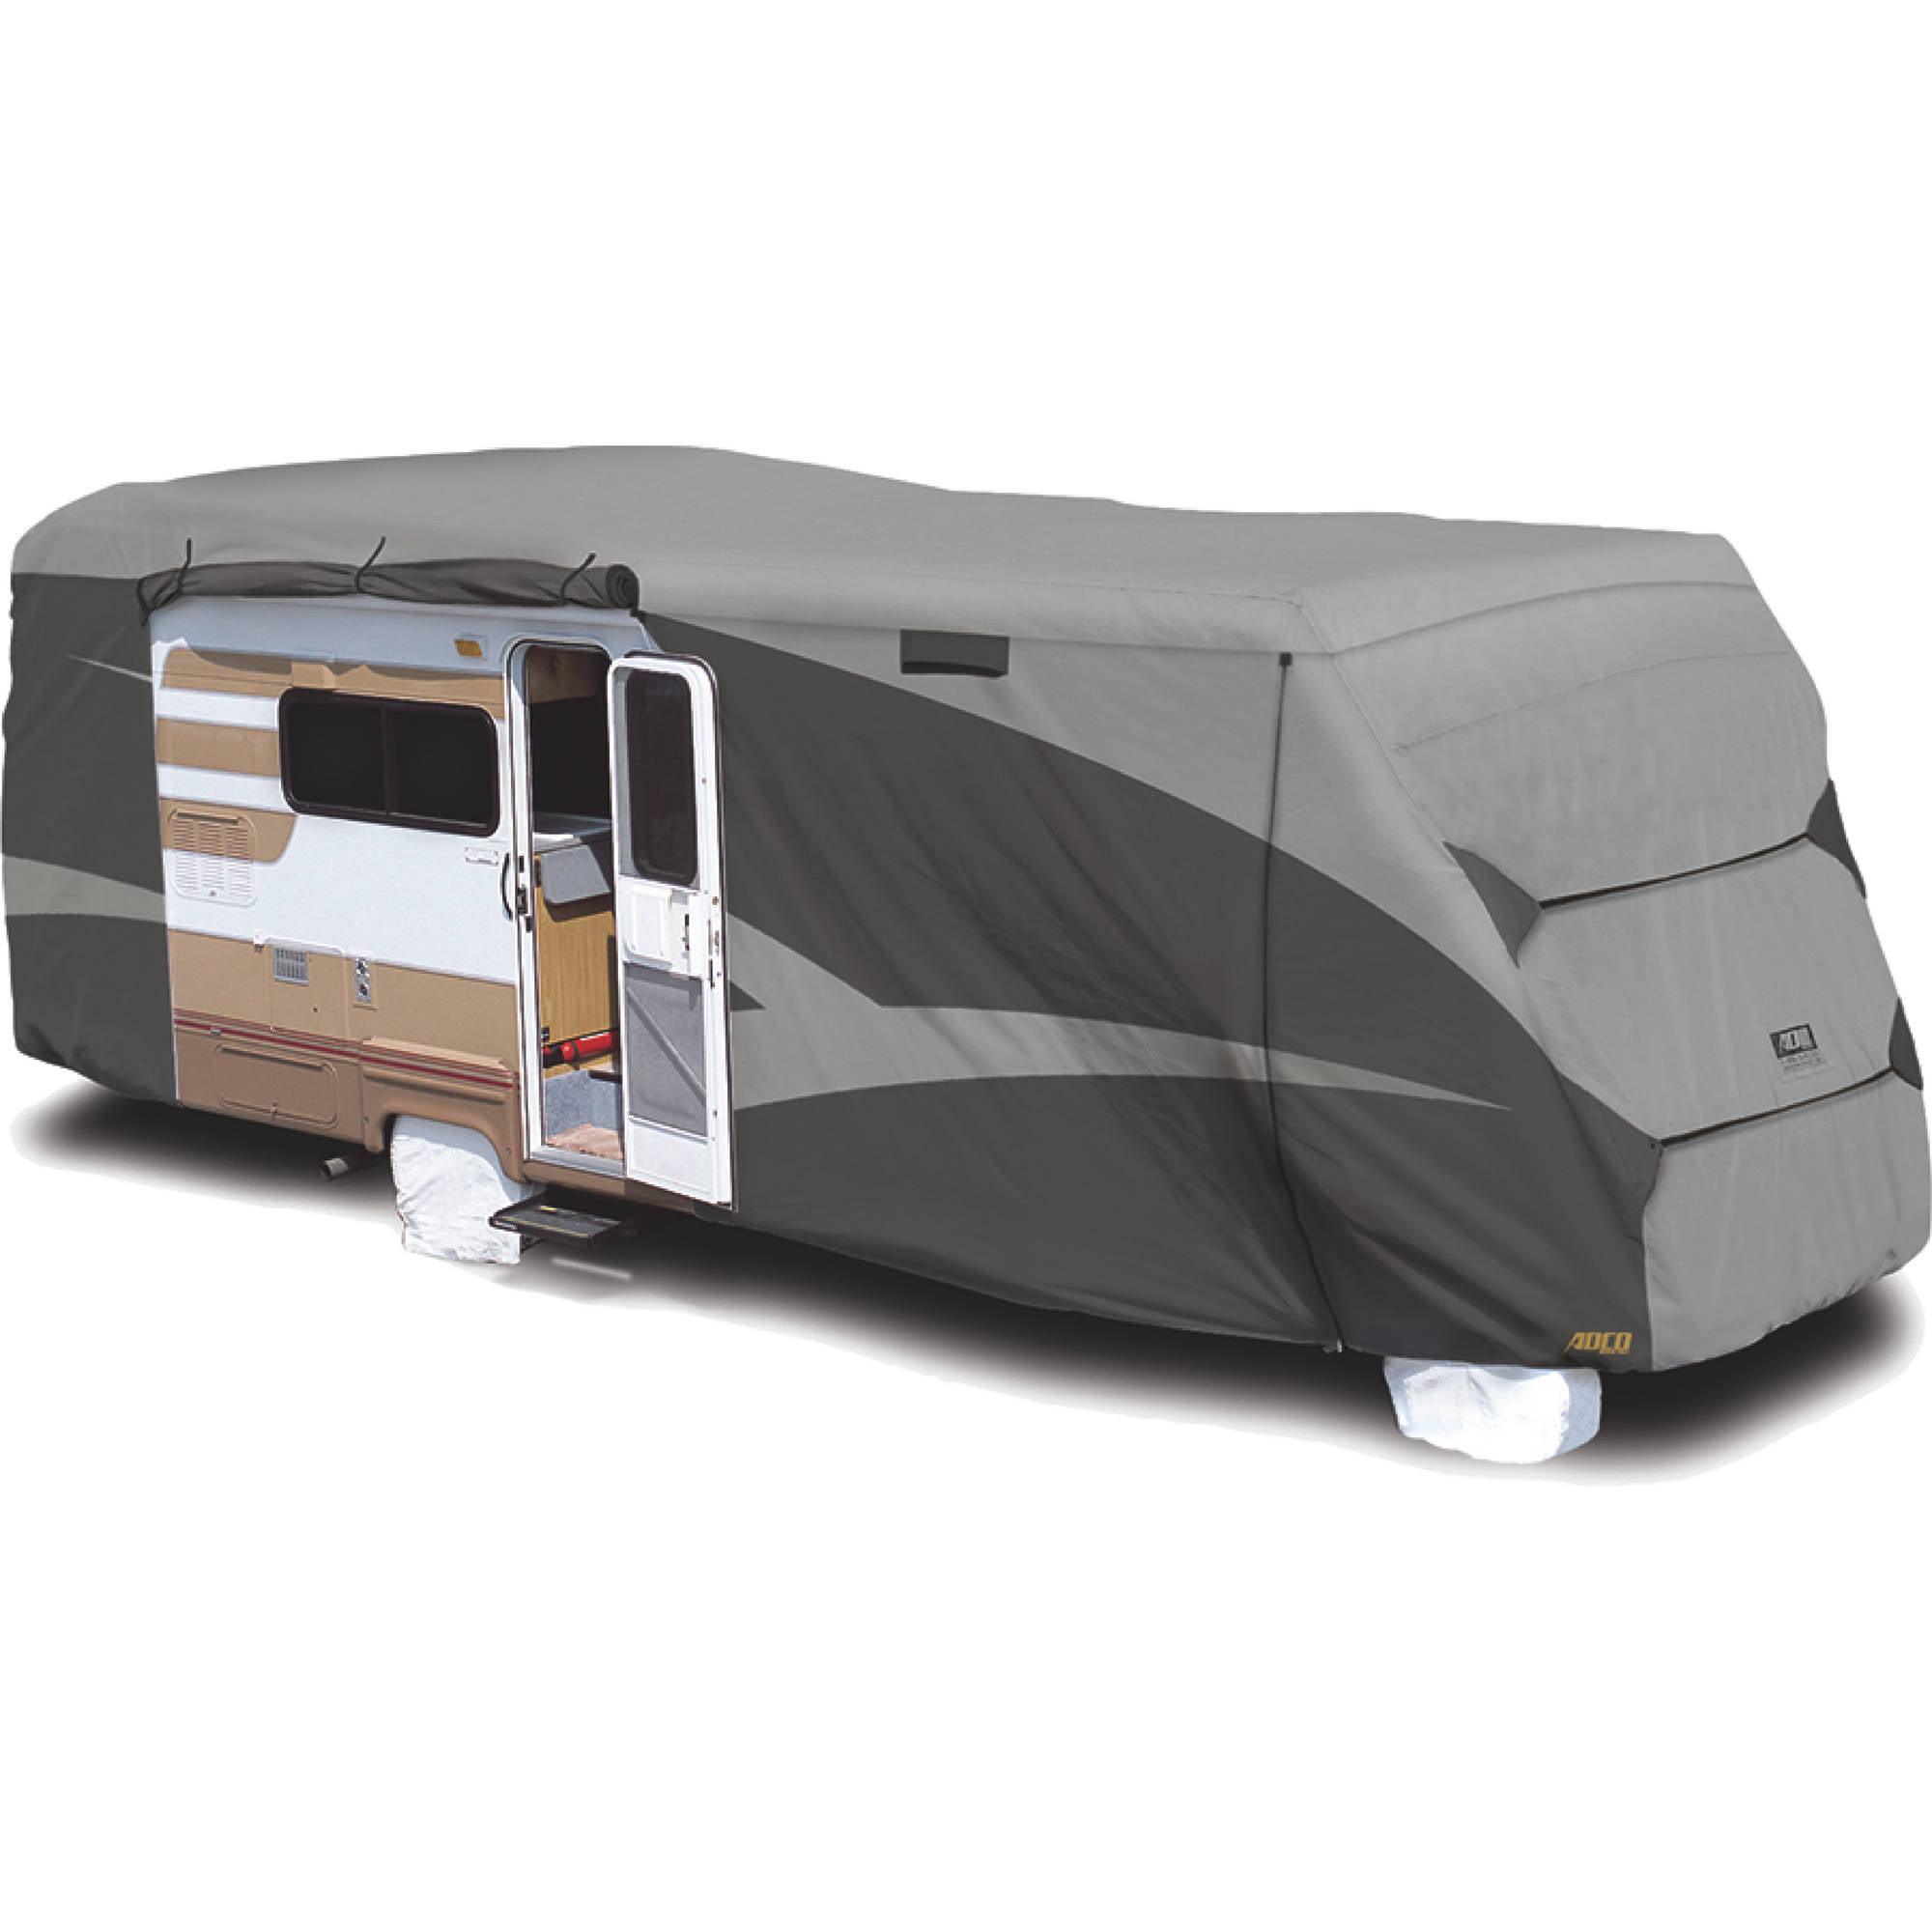 ADCO Class C Designer Series RV Cover, Gray SFS Aquashed Top/Gray Polypropylene Sides